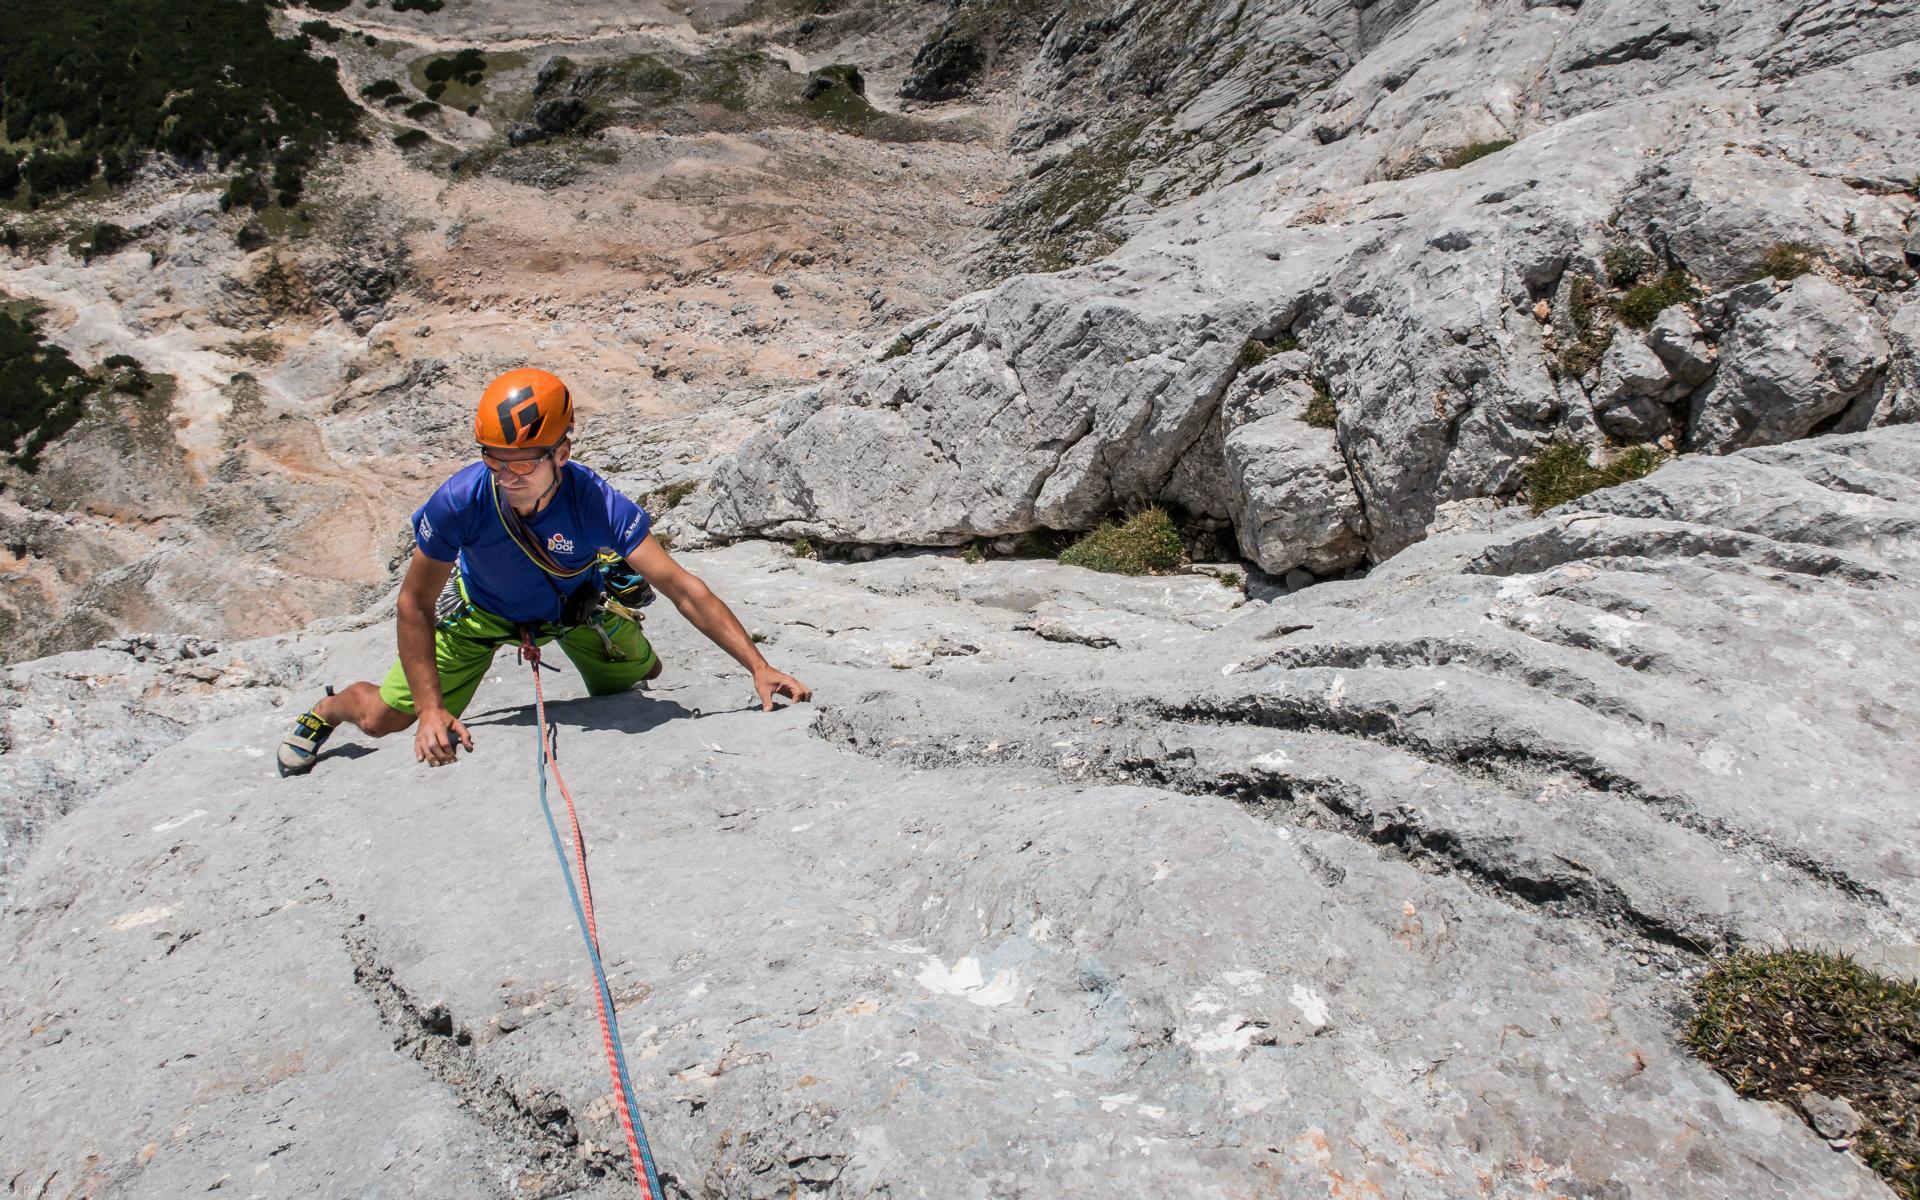 Kletterausrüstung Salzburg : Freiluftleben bergsport und outdoorpädagogik in salzburg